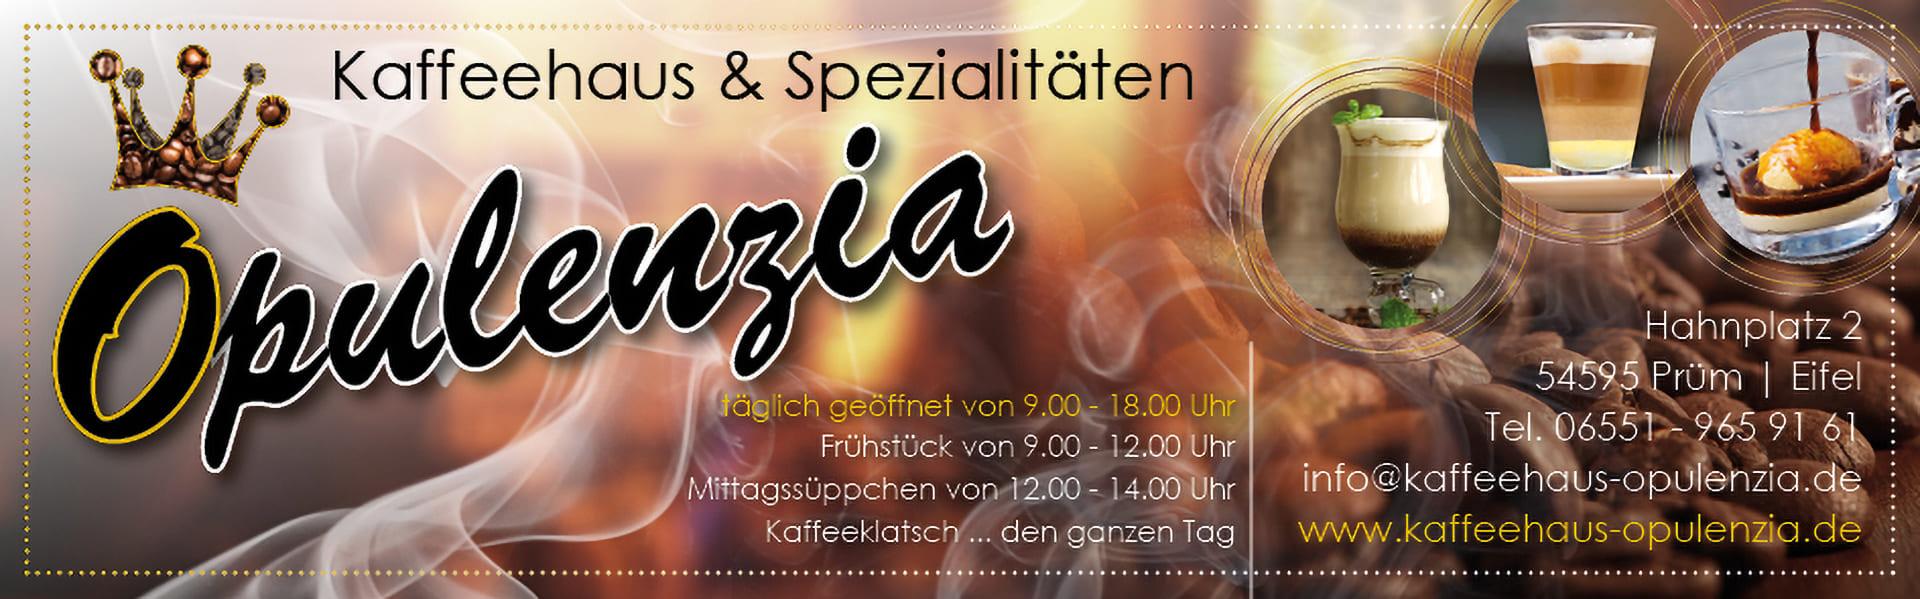 http://www.kaffeehaus-opulenzia.de/